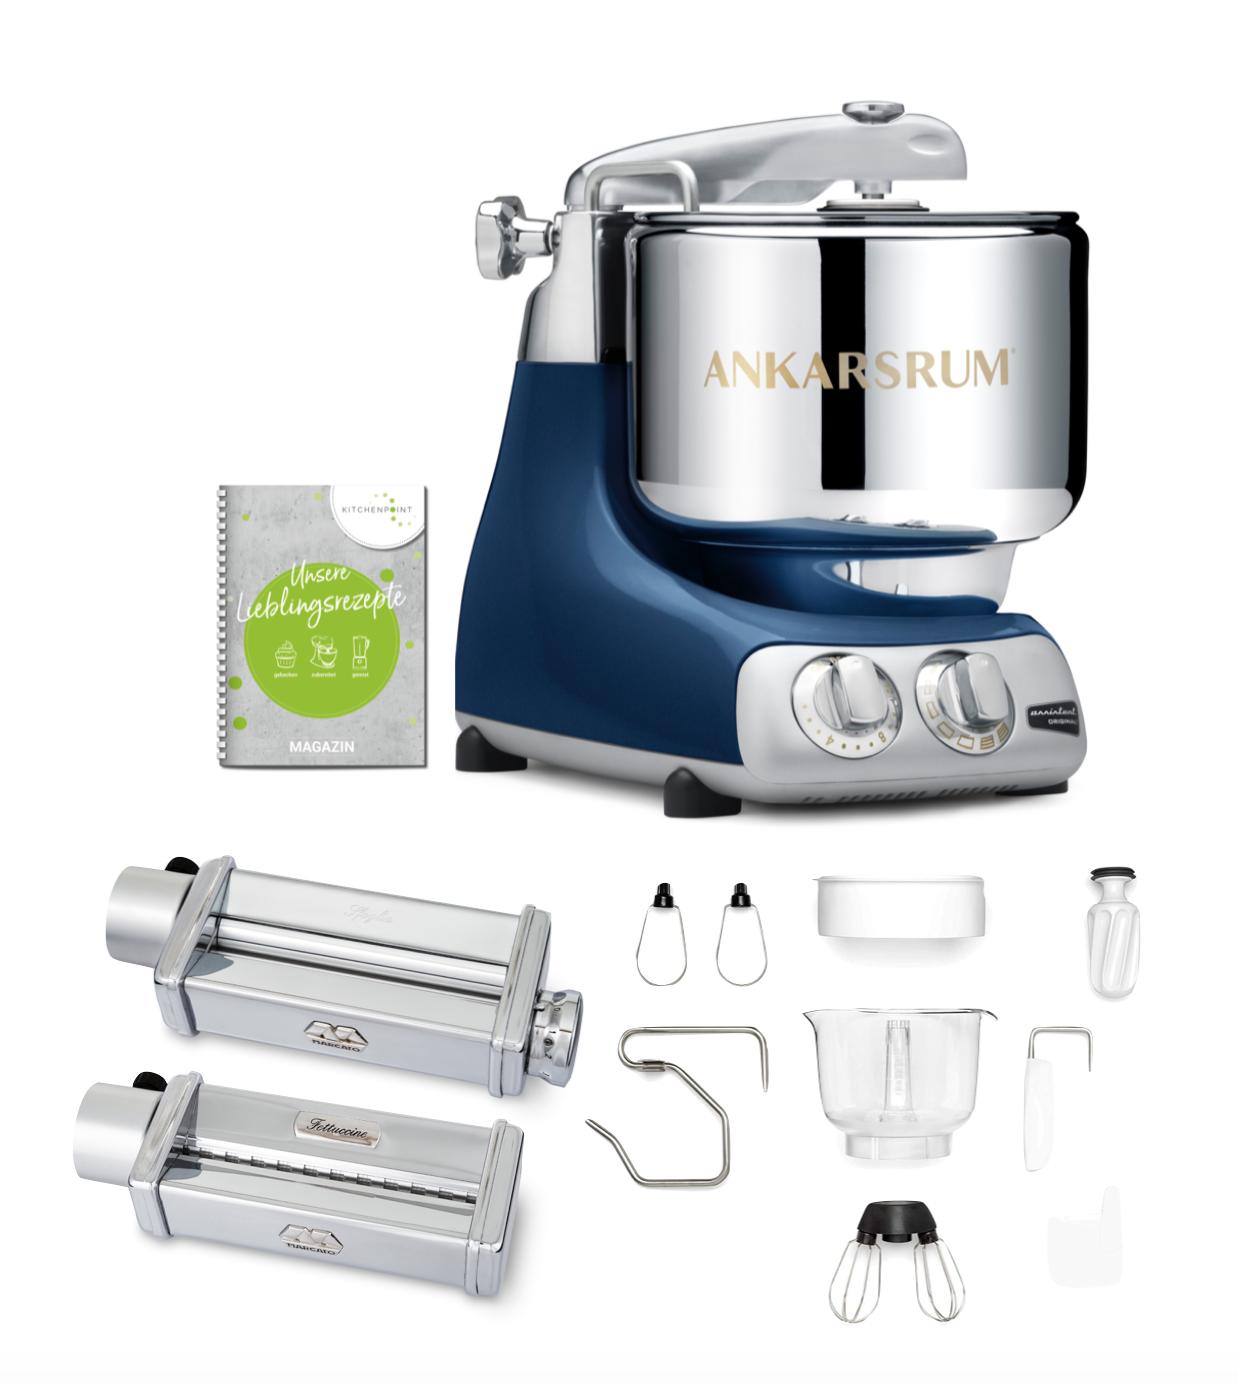 Ankarsrum Küchenmaschine Assistent Ocean Blue - Pasta Set